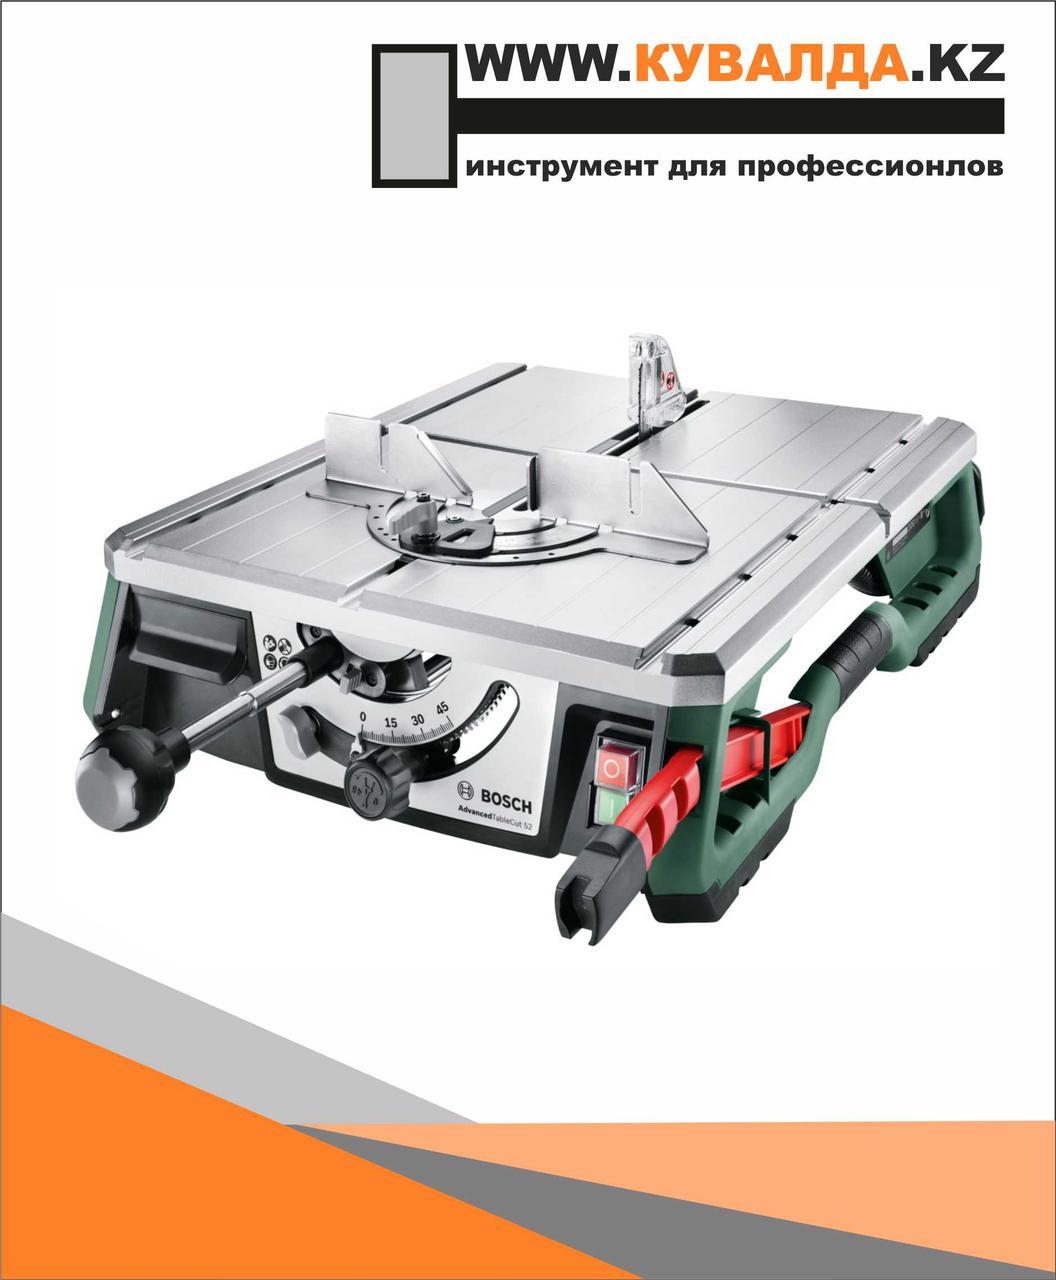 Многофункциональная стационарная пила Bosch AdvancedTableCut 52